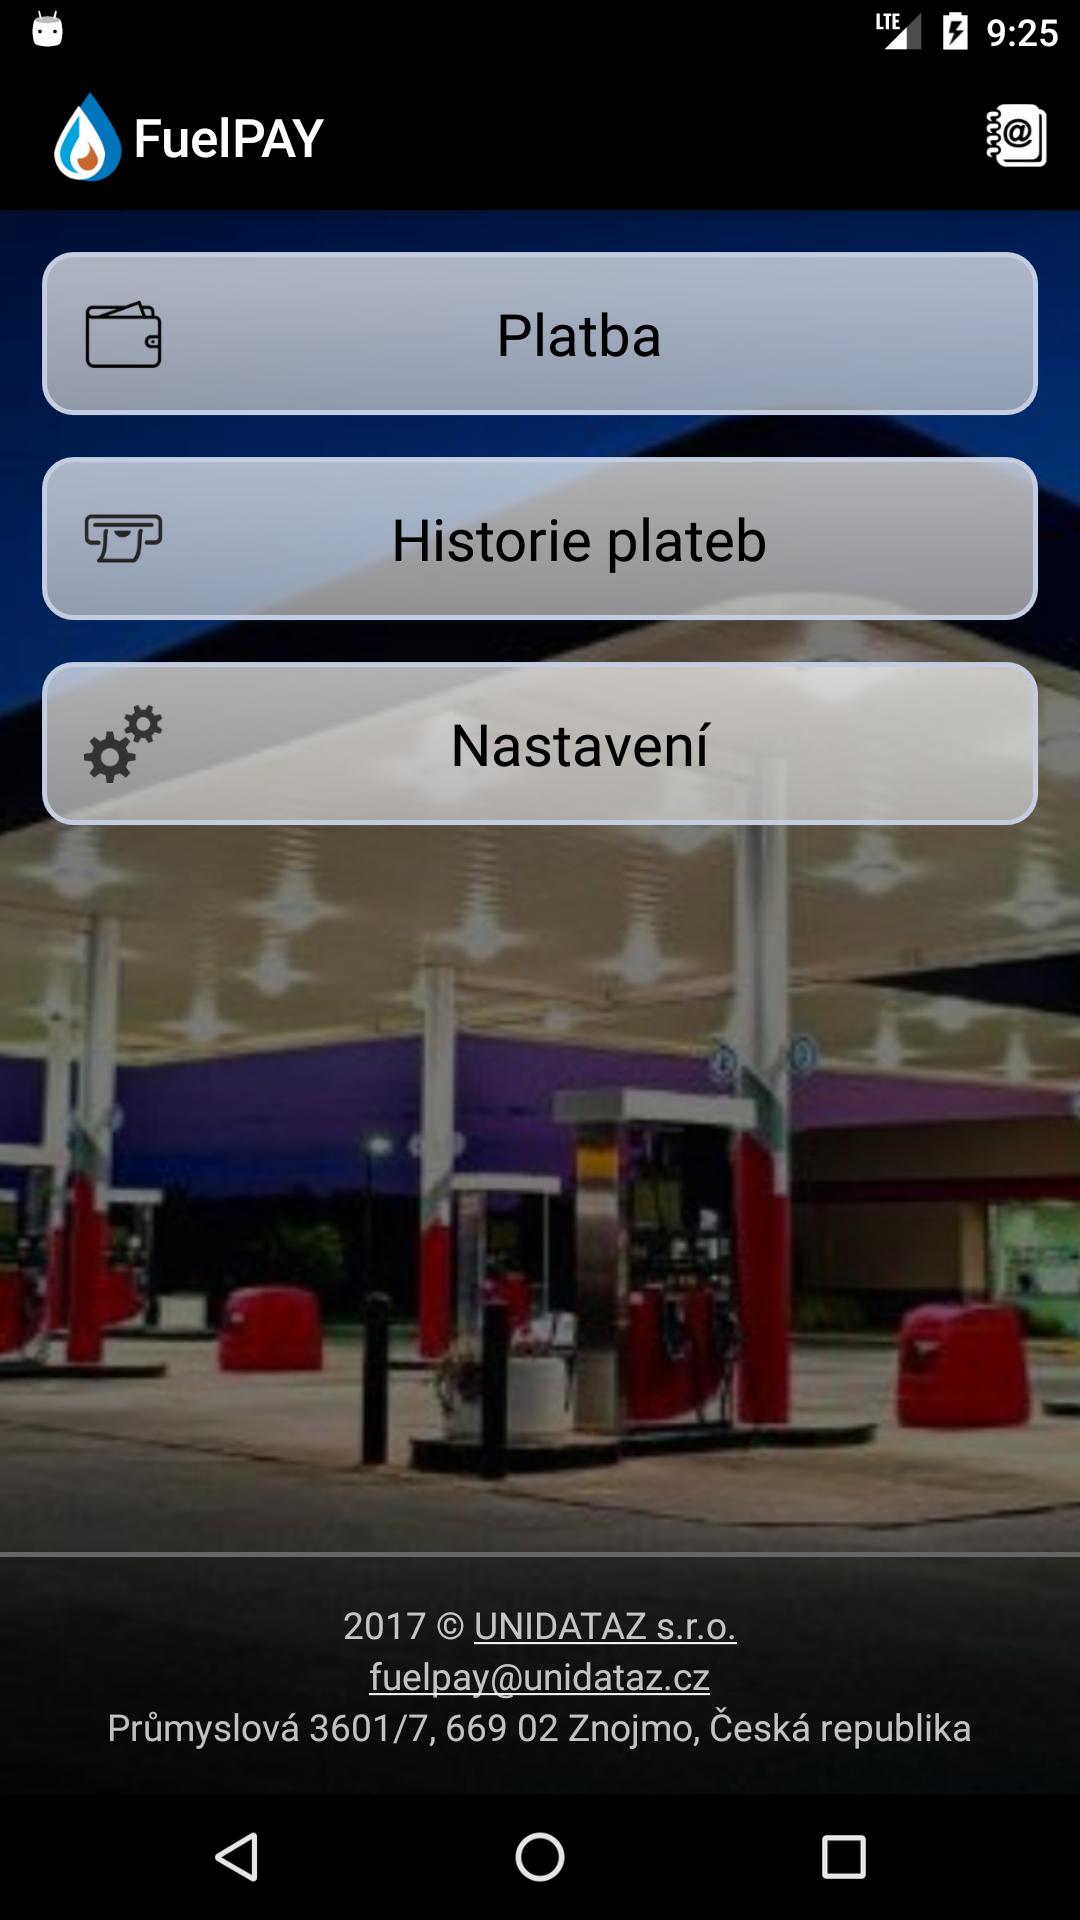 Mobilní aplikace UNIDATAZ FuelPAY®